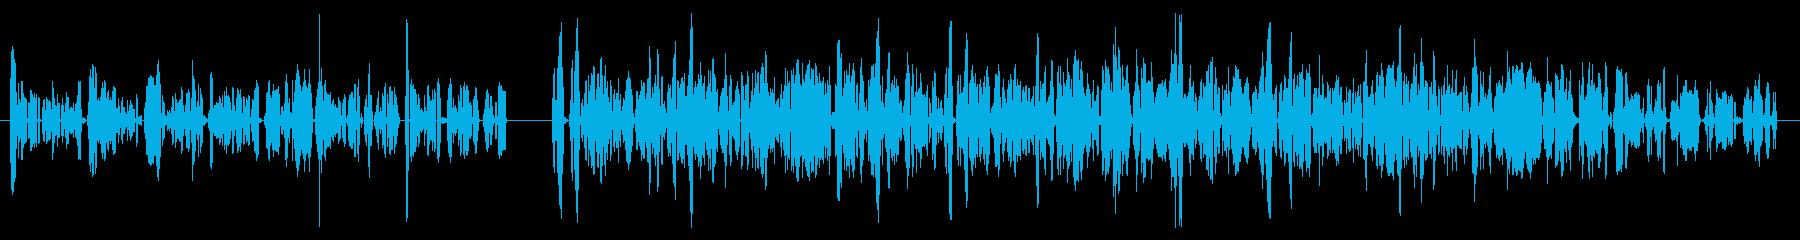 カートン、トーク、2バージョン; ...の再生済みの波形